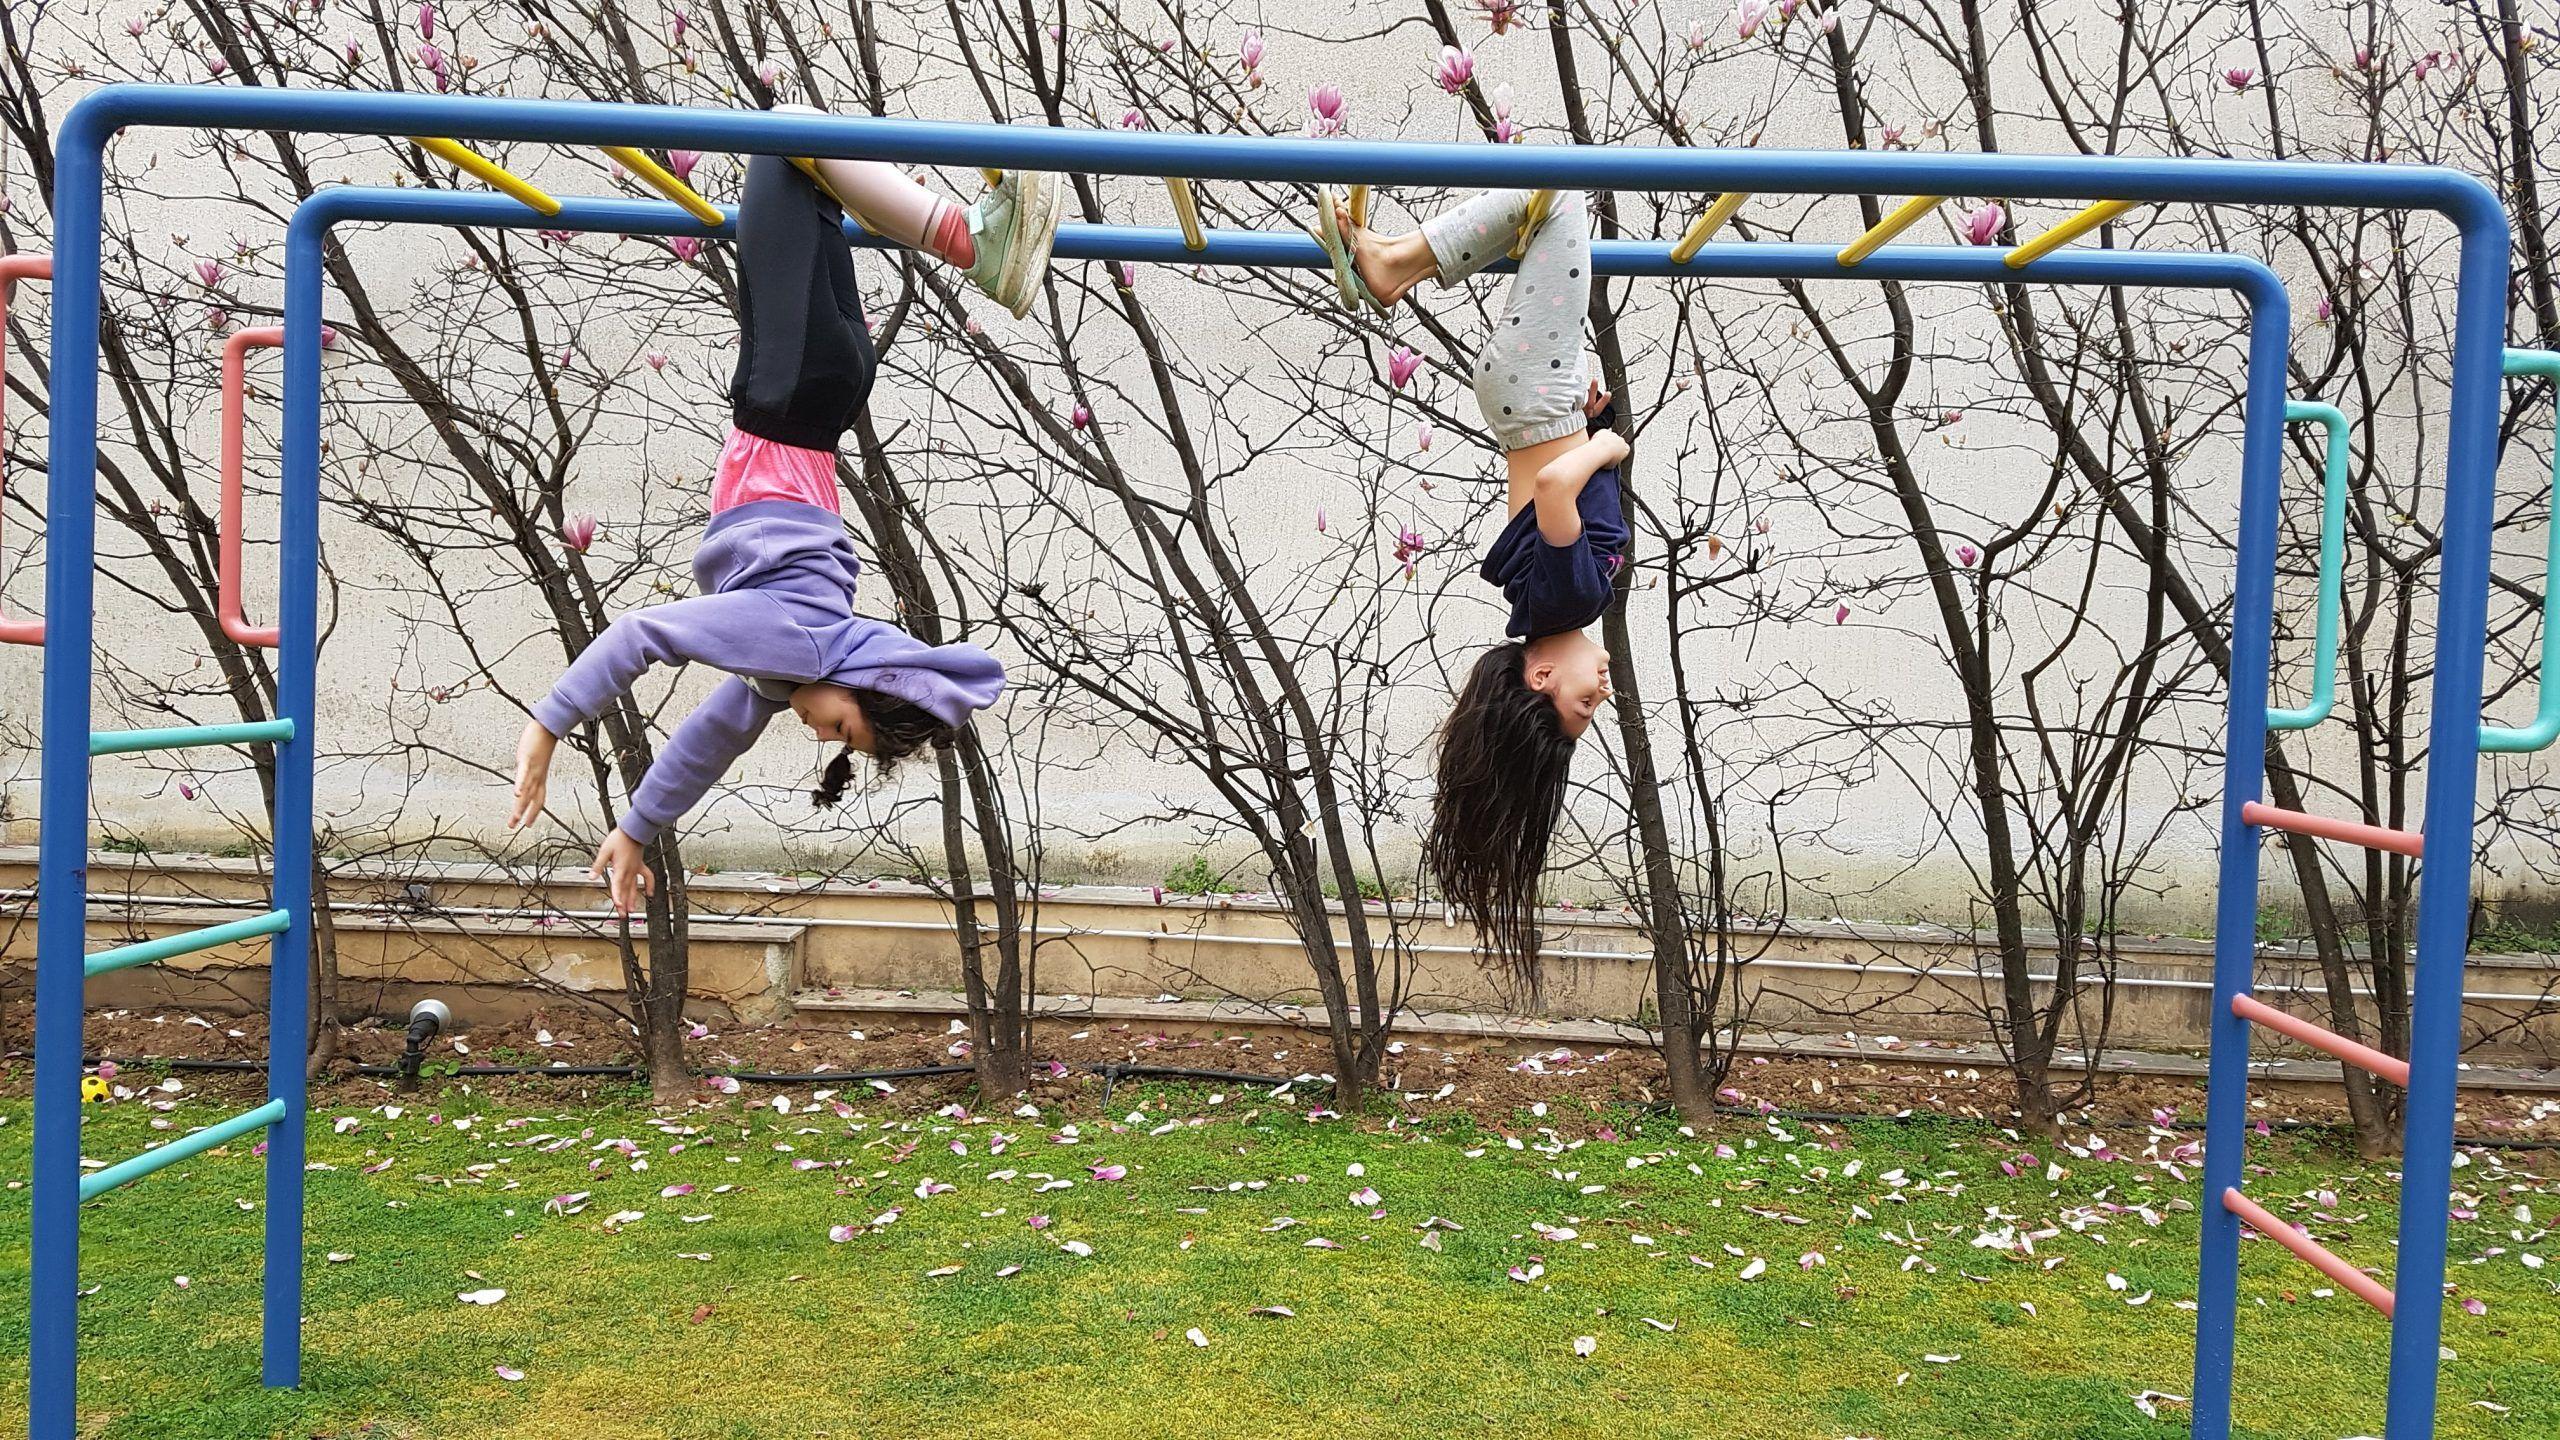 Κλείστε τα δημόσια πάρκα και τις παιδικές χαρές, είπαν όσοι έχουν πρόσβαση σε ιδιωτικούς τέτοιους χώρους.